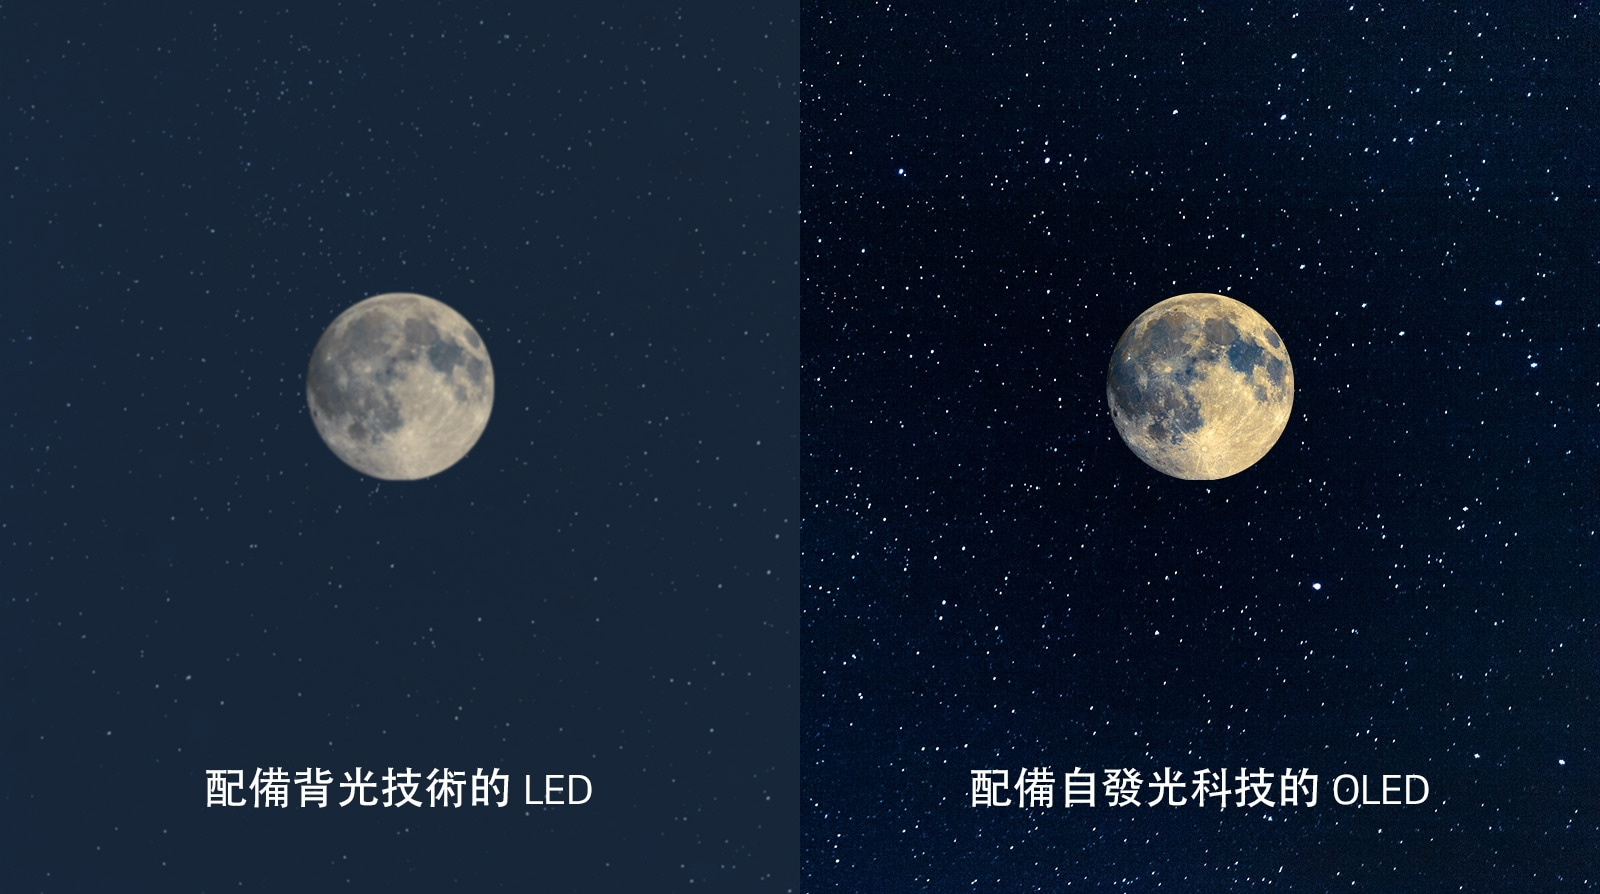 月亮畫面,左側雨的 LED 所呈現的黑色並不清晰,右側的 OLED 則為呈現完美的純黑(播放影片)